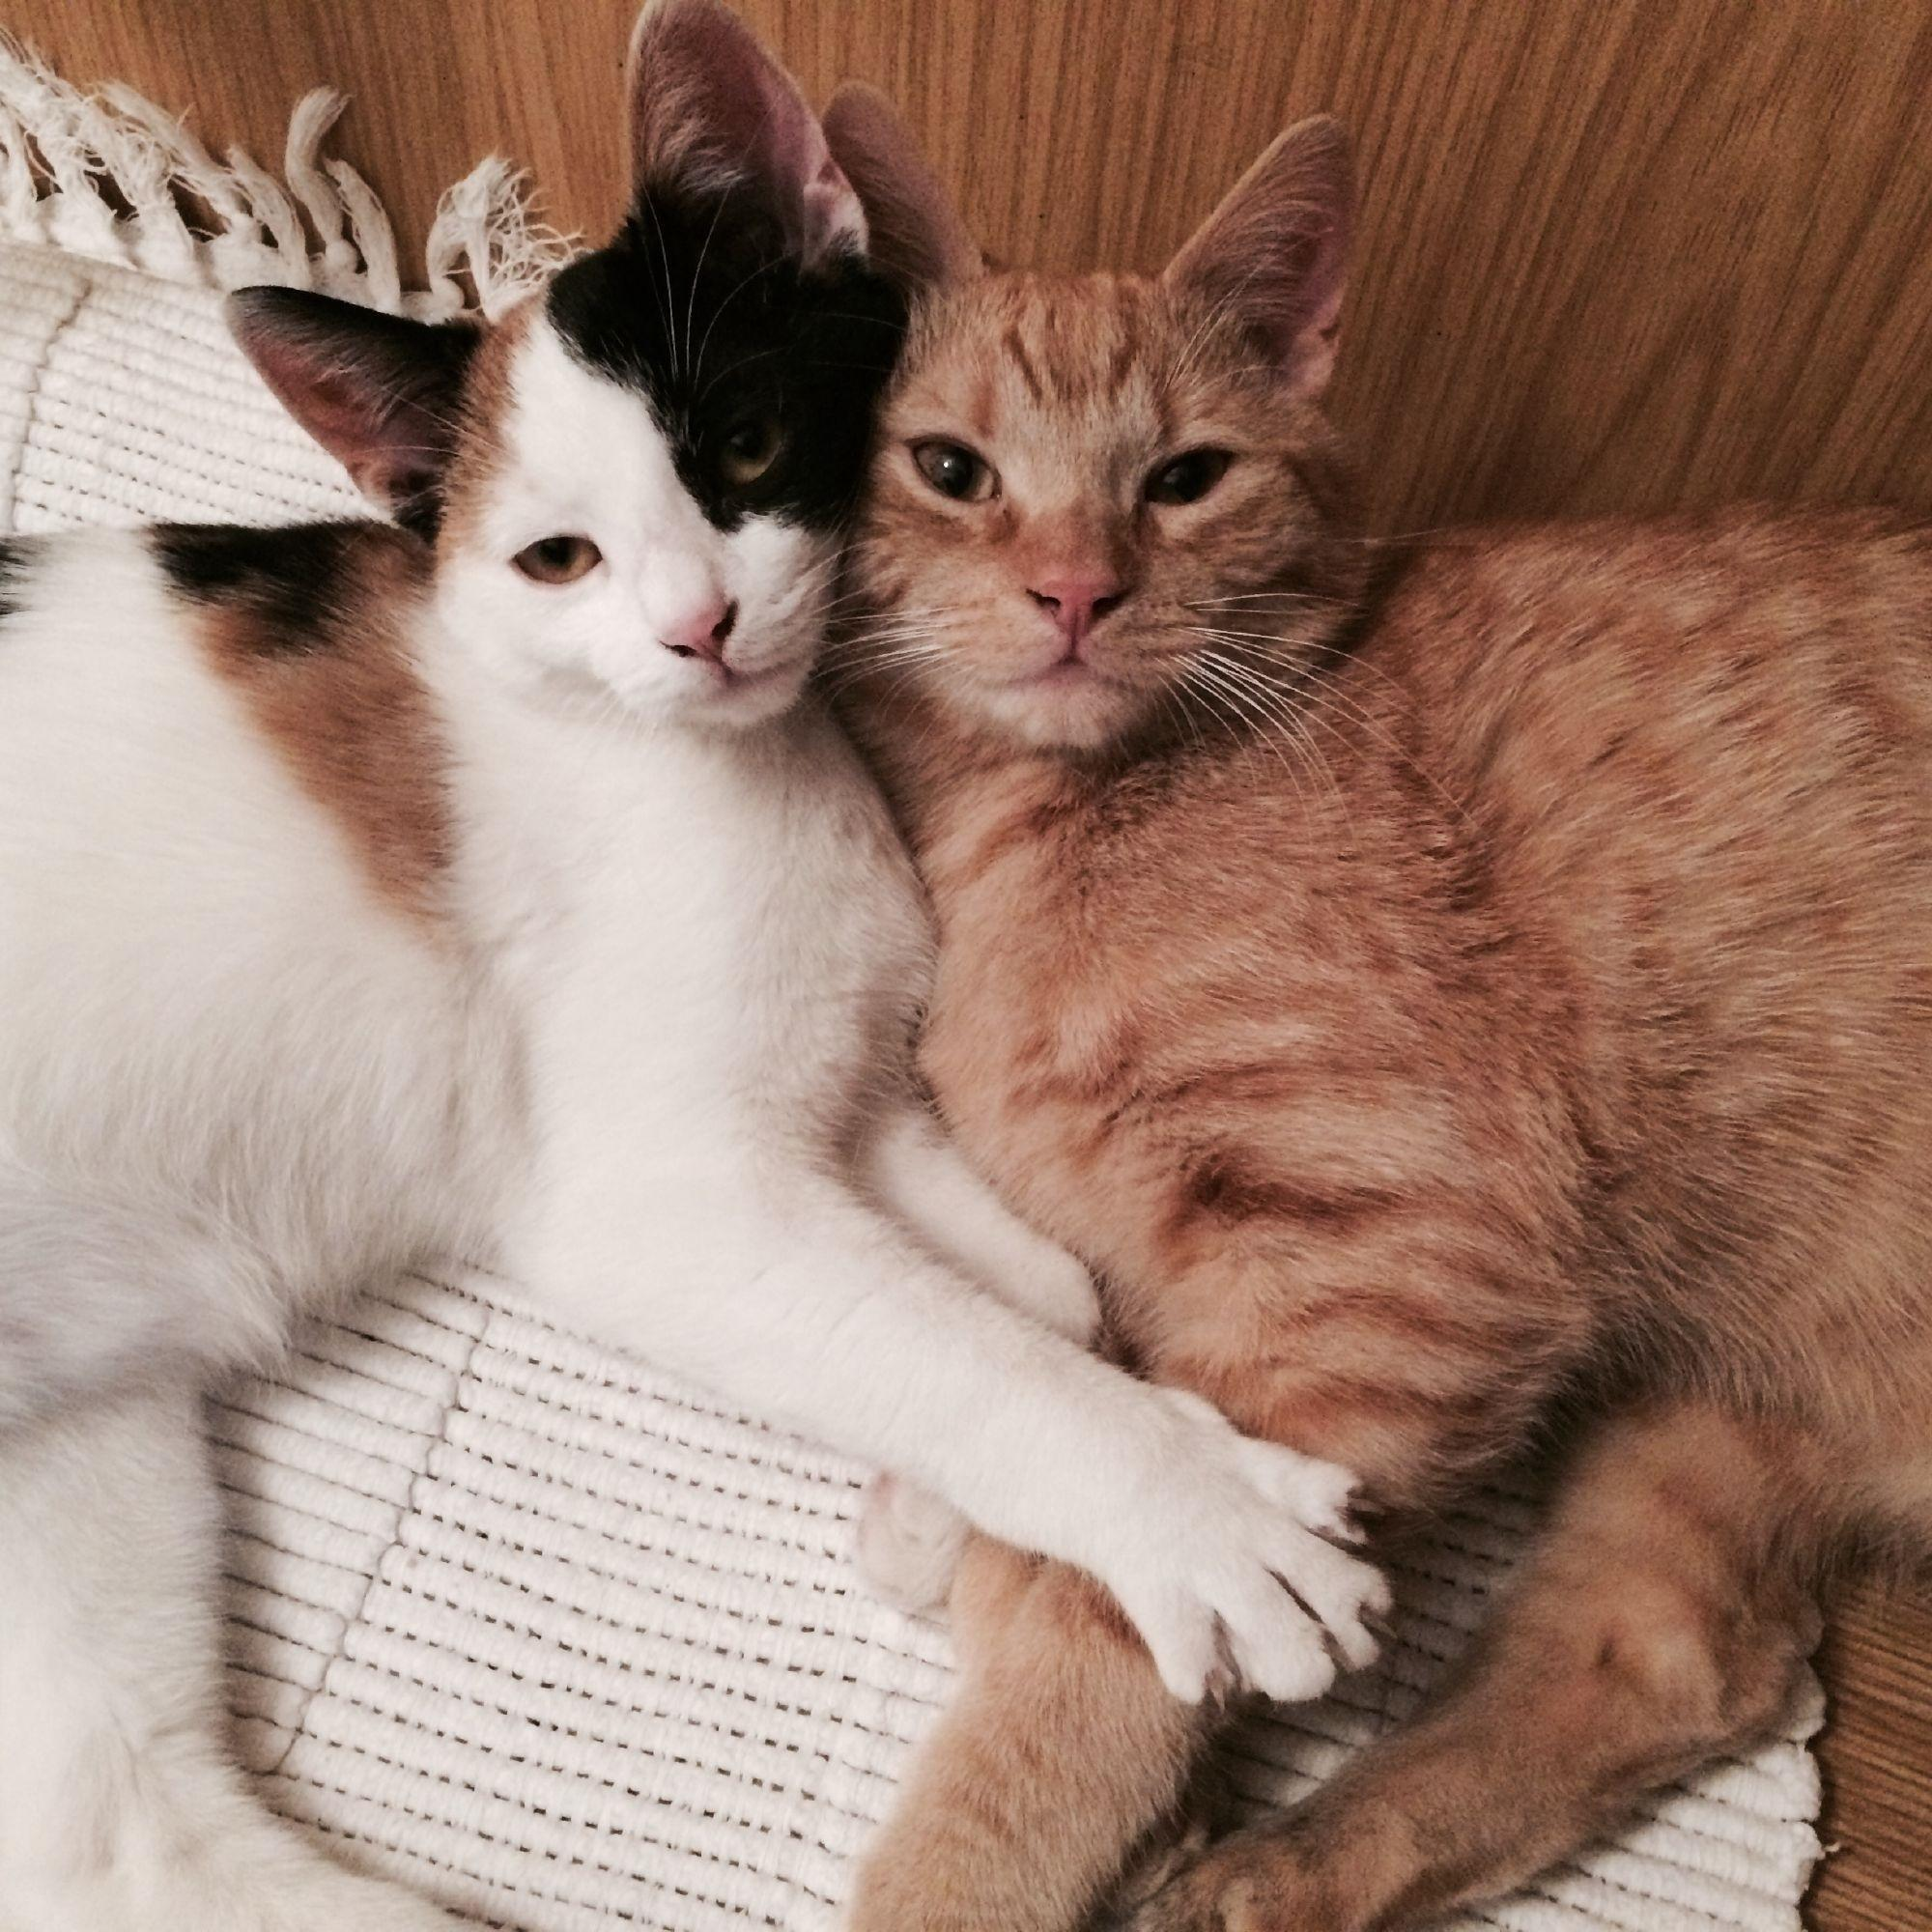 Der Frühling ist da - Paarungszeit für katzen - Ratgeber